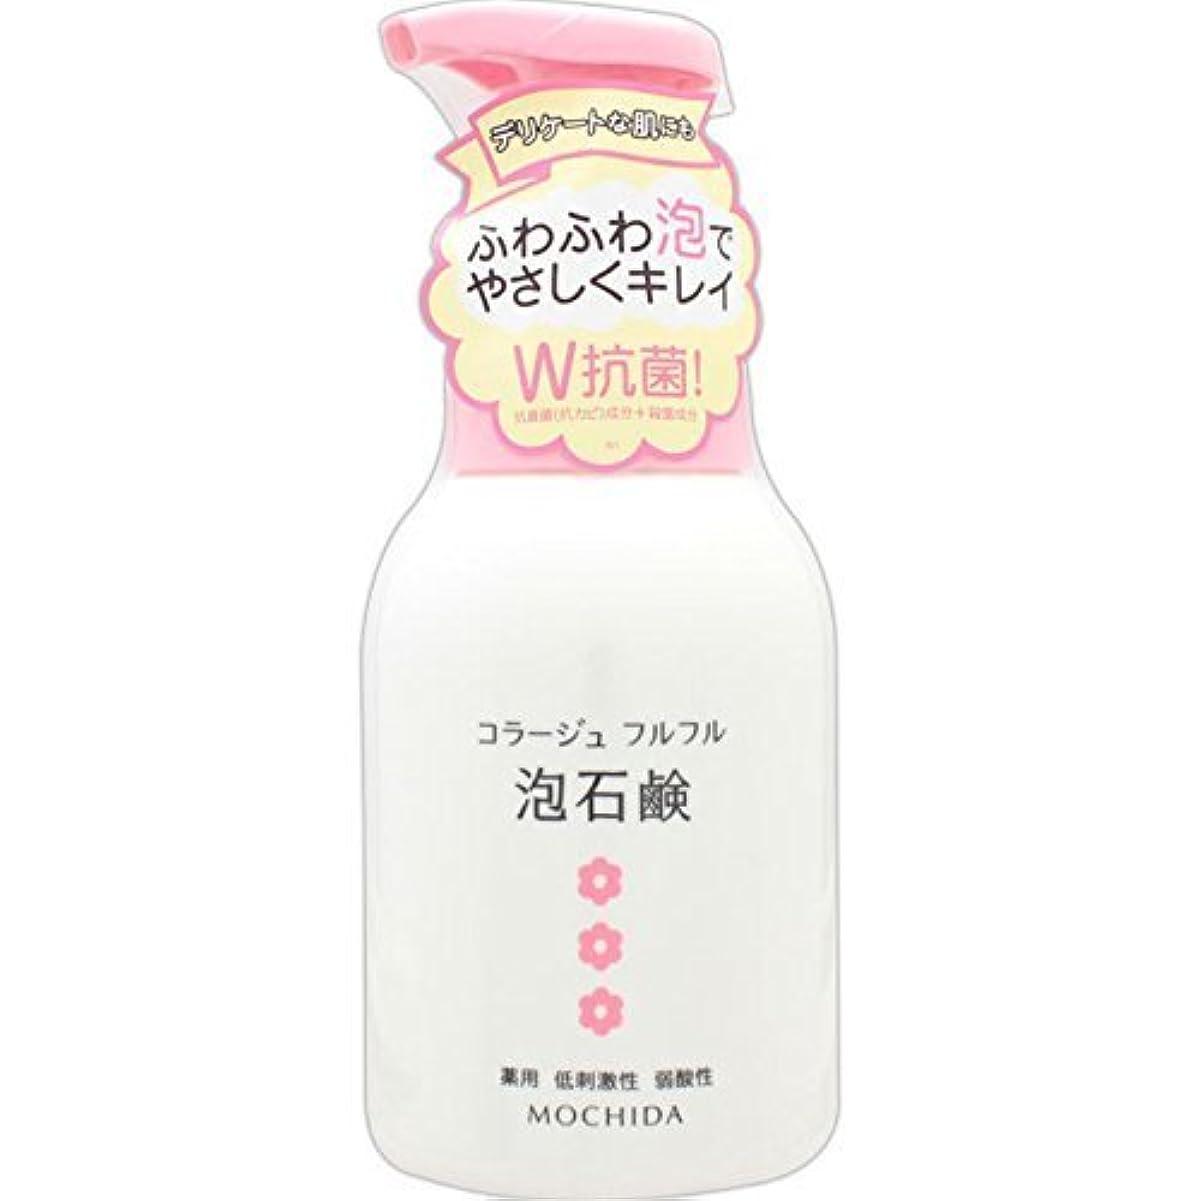 。。トランジスタコラージュフルフル 泡石鹸 ピンク 300m L (医薬部外品) ×6